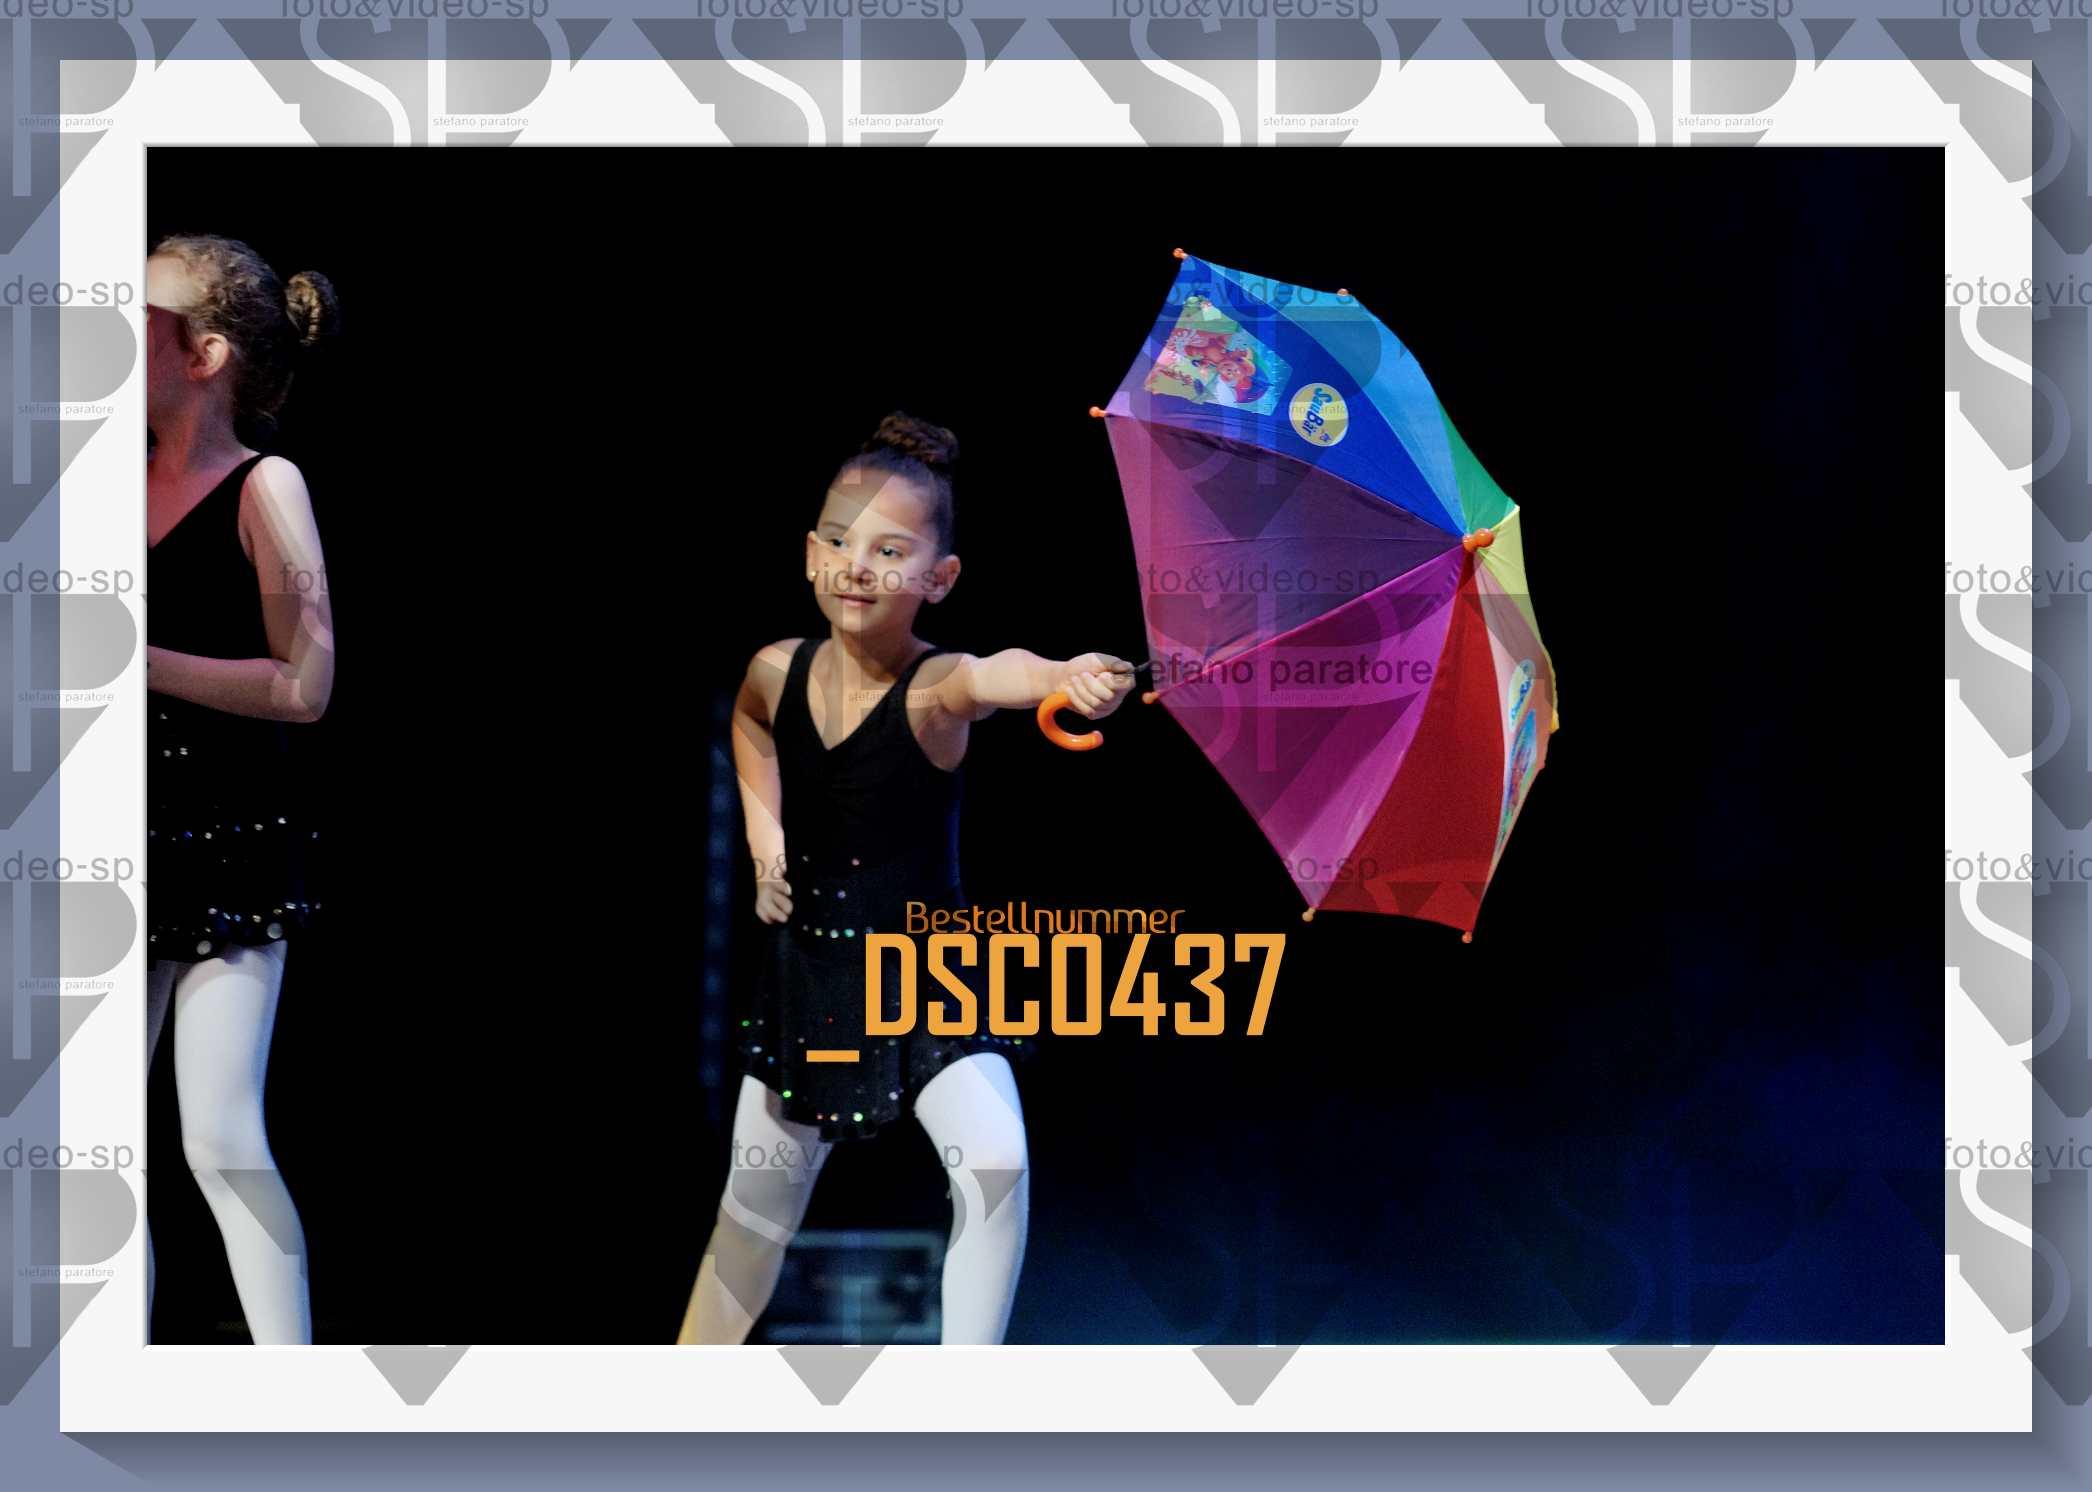 DSC0437